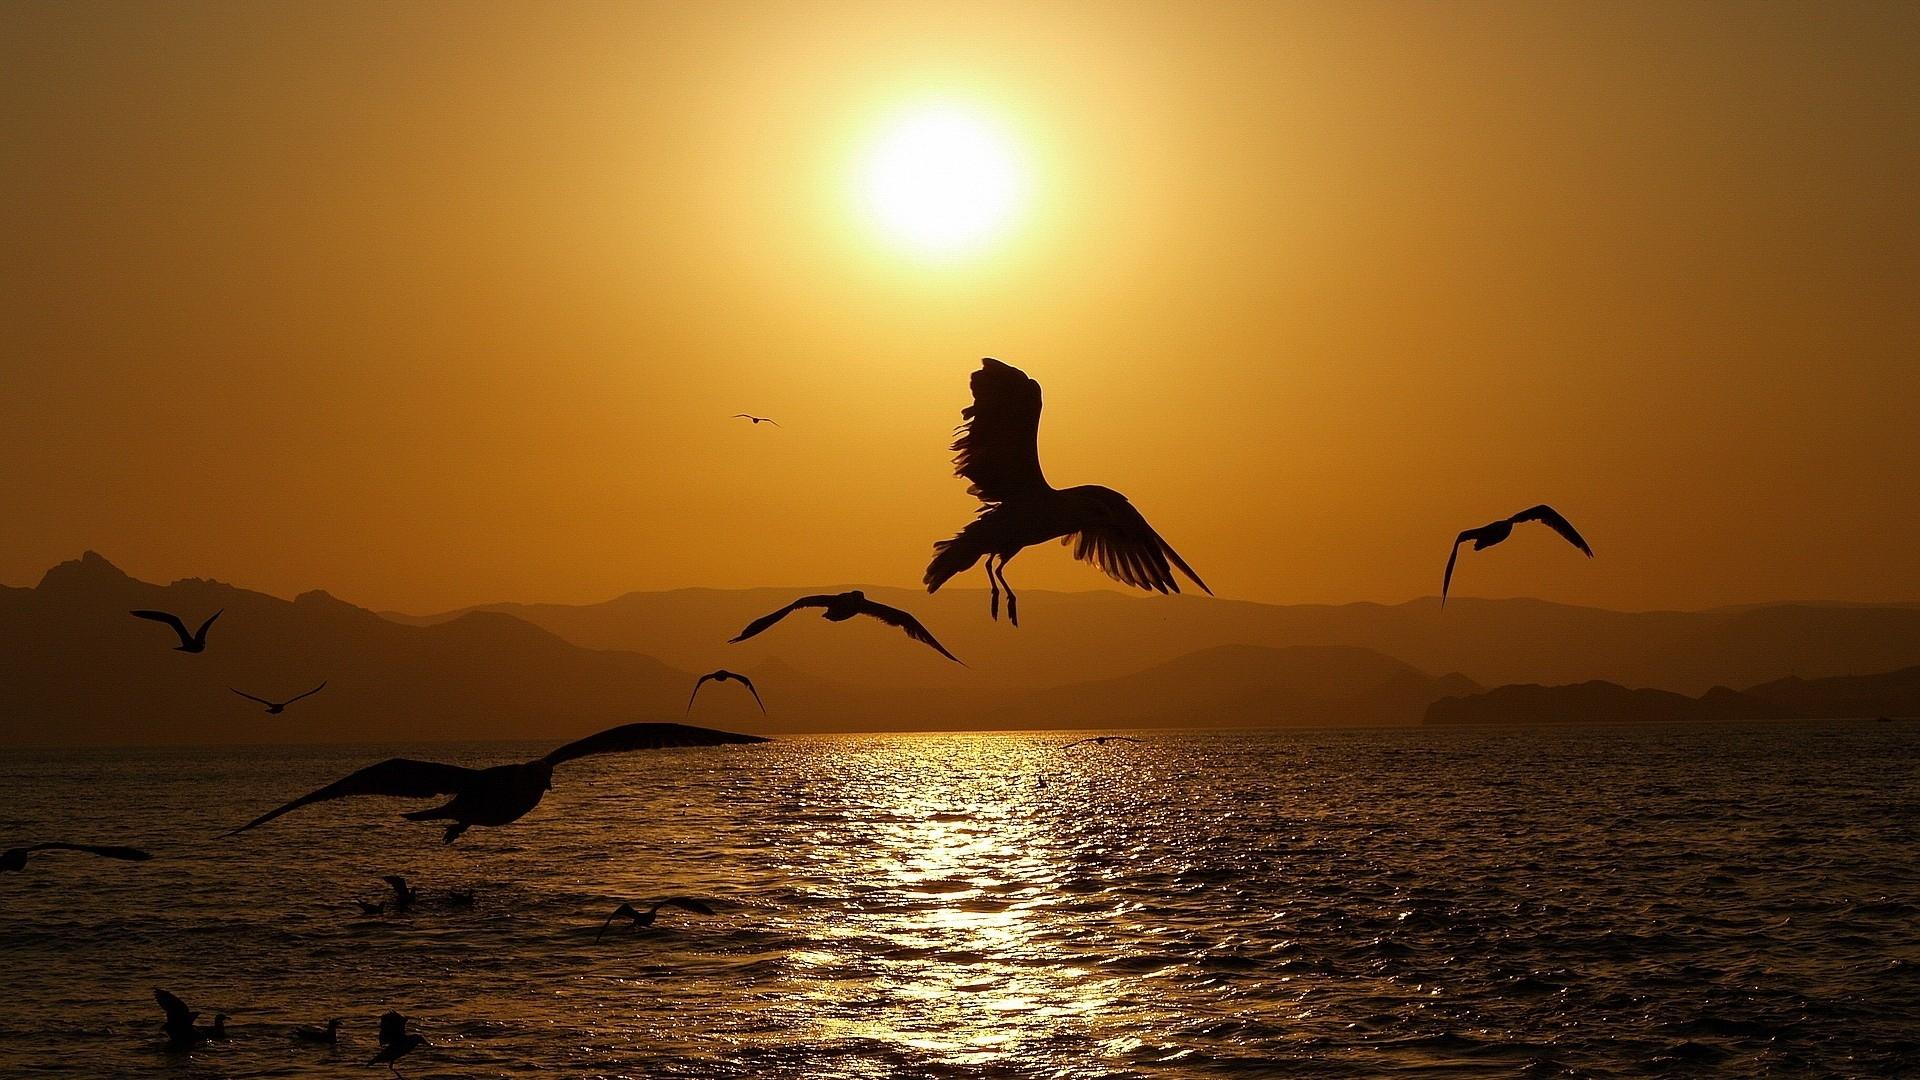 многие виды птиц, такие как фрегат, живут почти без сна